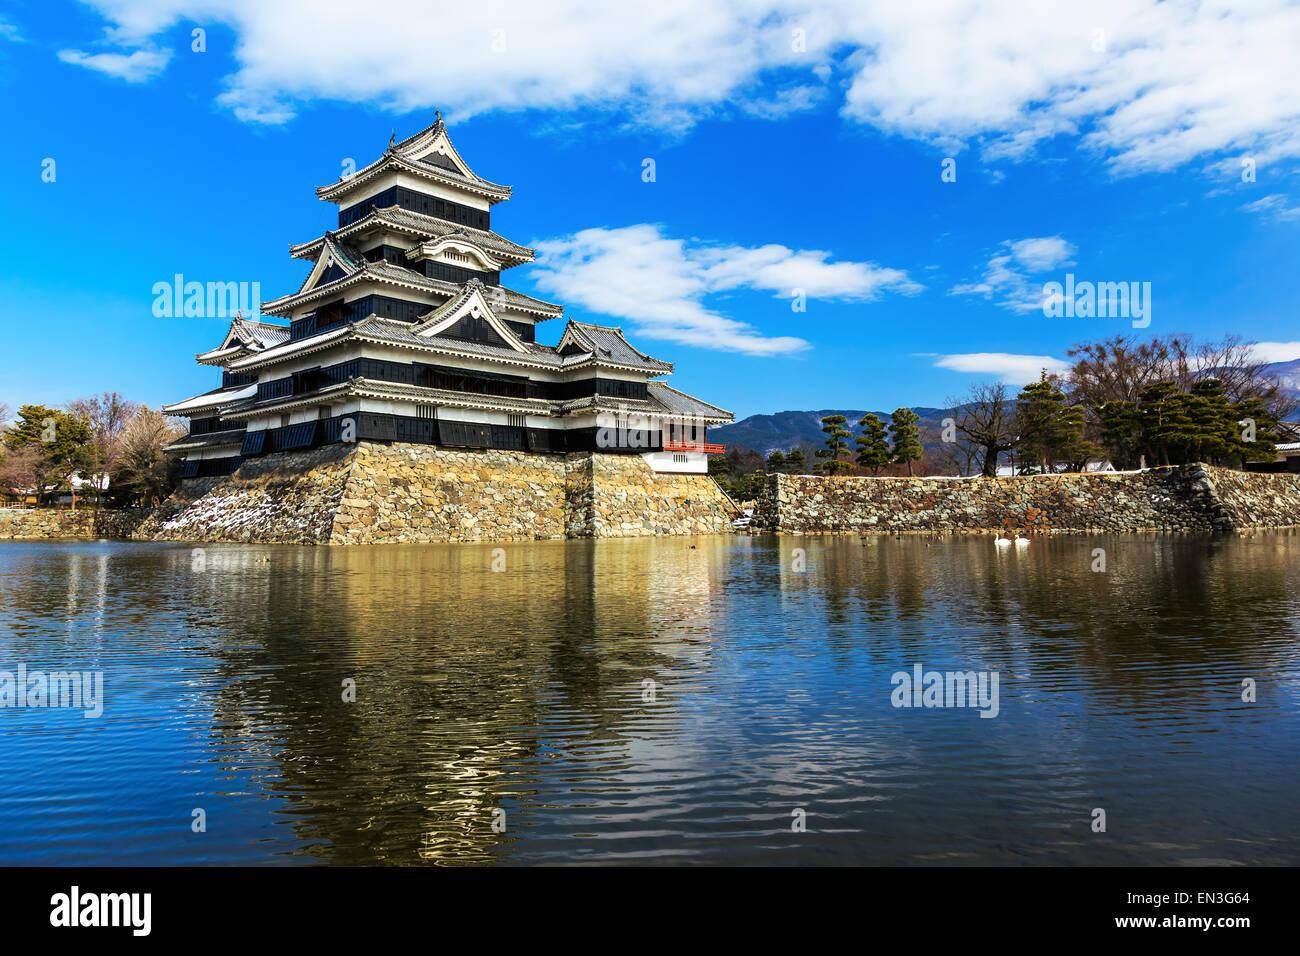 Château médiéval Matsumoto dans l'est de Honshu, Japon Photo Stock